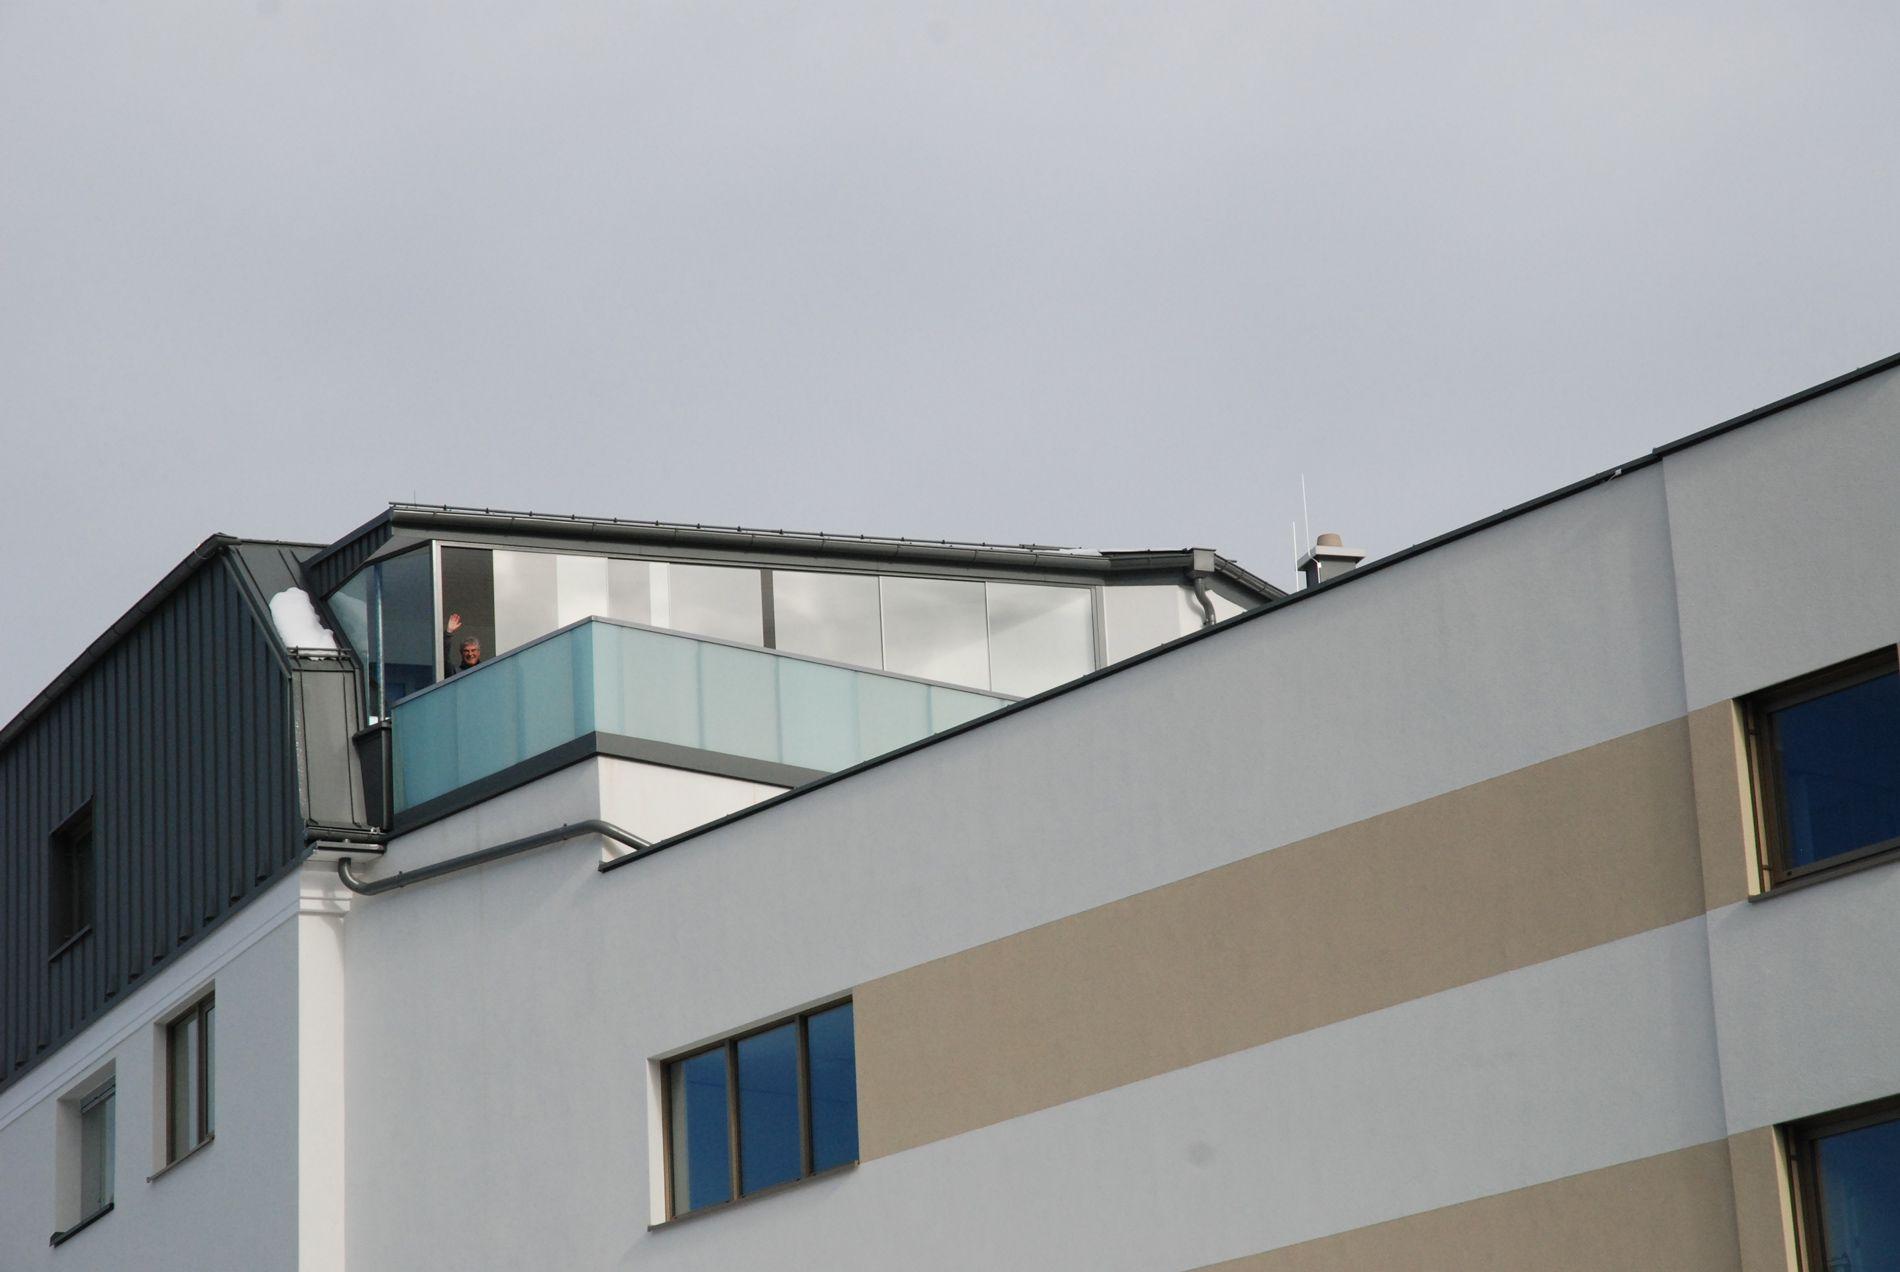 Wetterschutz auf Dachterrasse aus Glas | schiebbare Glaswände